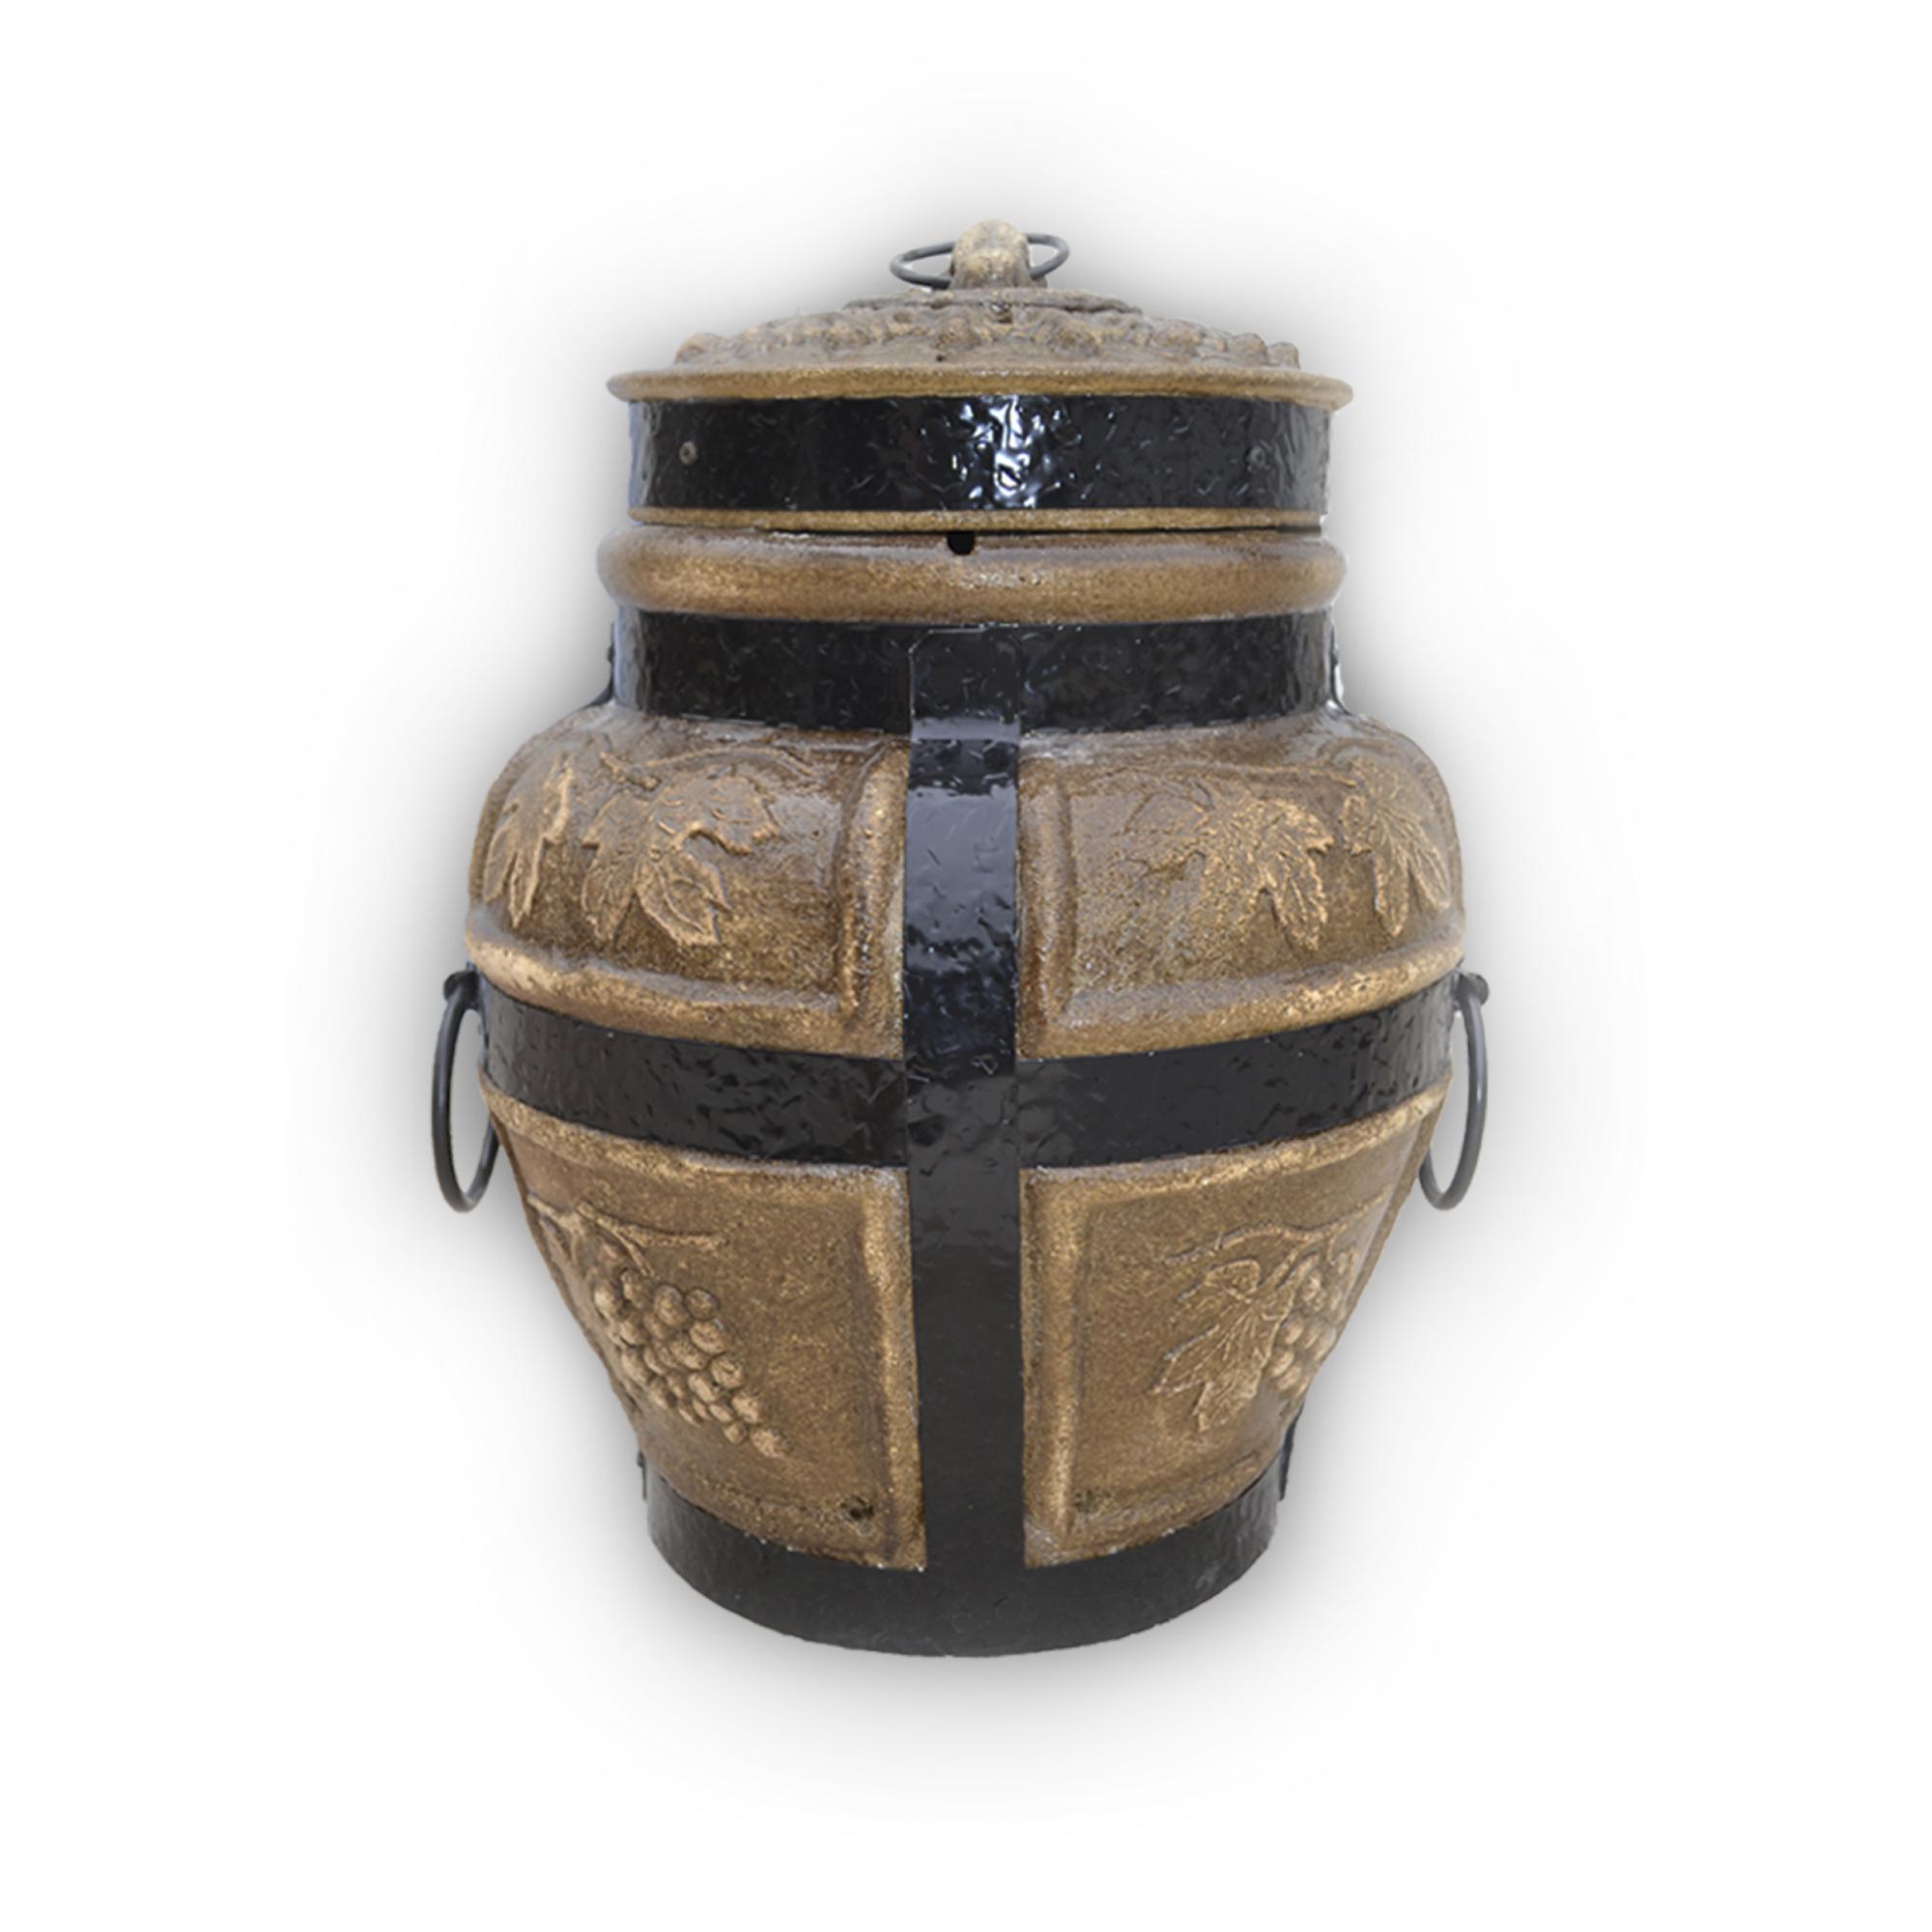 Тонир Tandur угольный малый 40 см очаг tandur подсолнух 67 см